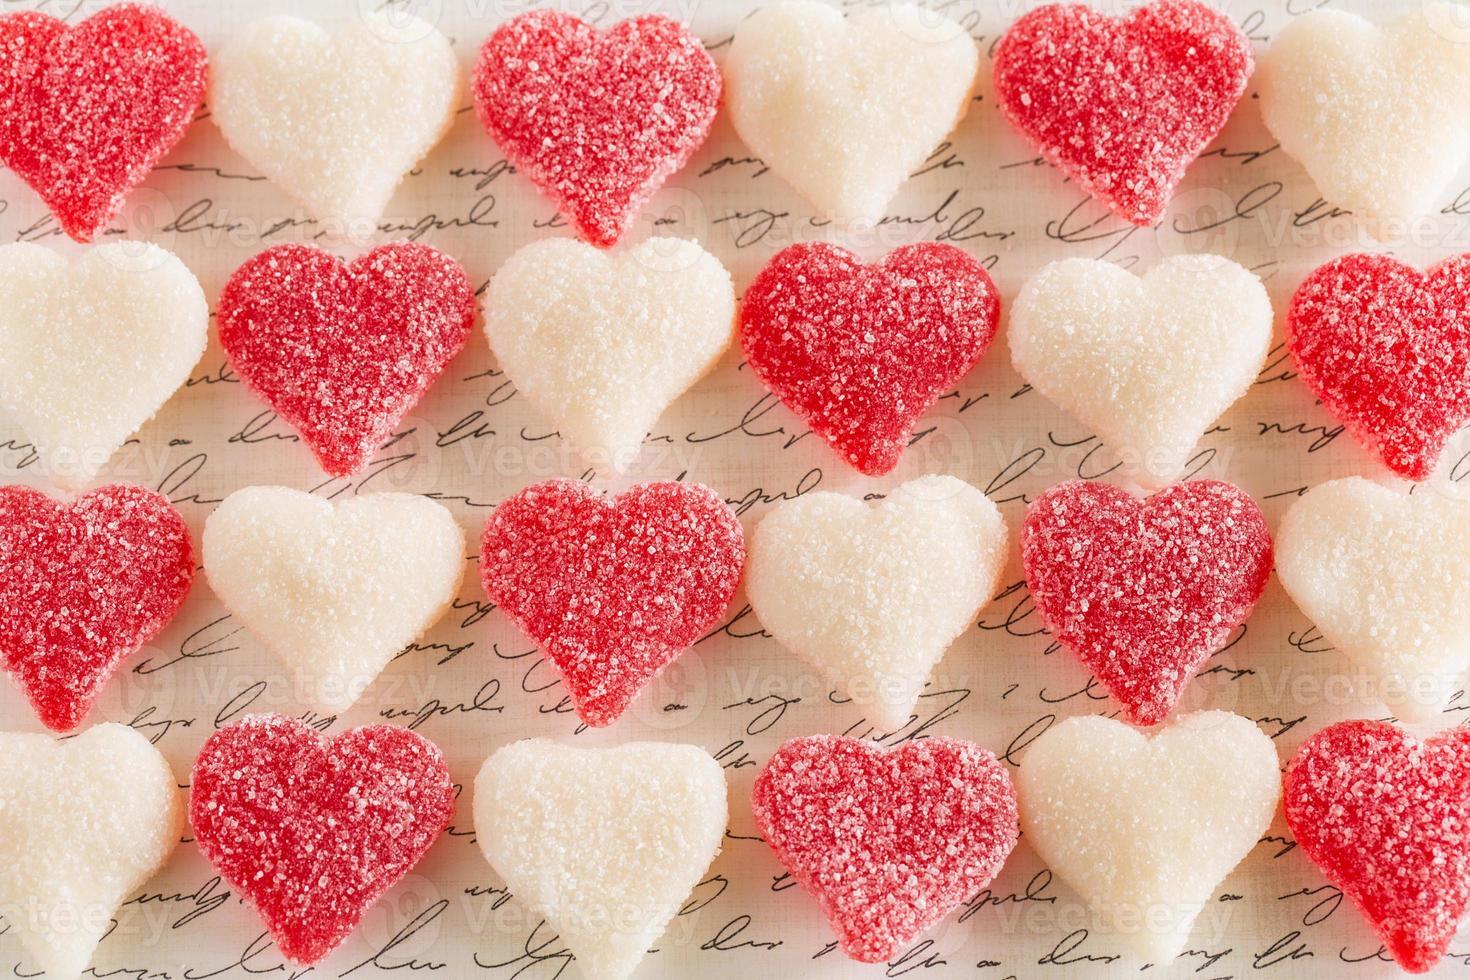 alla hjärtans dag gummy kärlek hjärta godis dessert mat foto